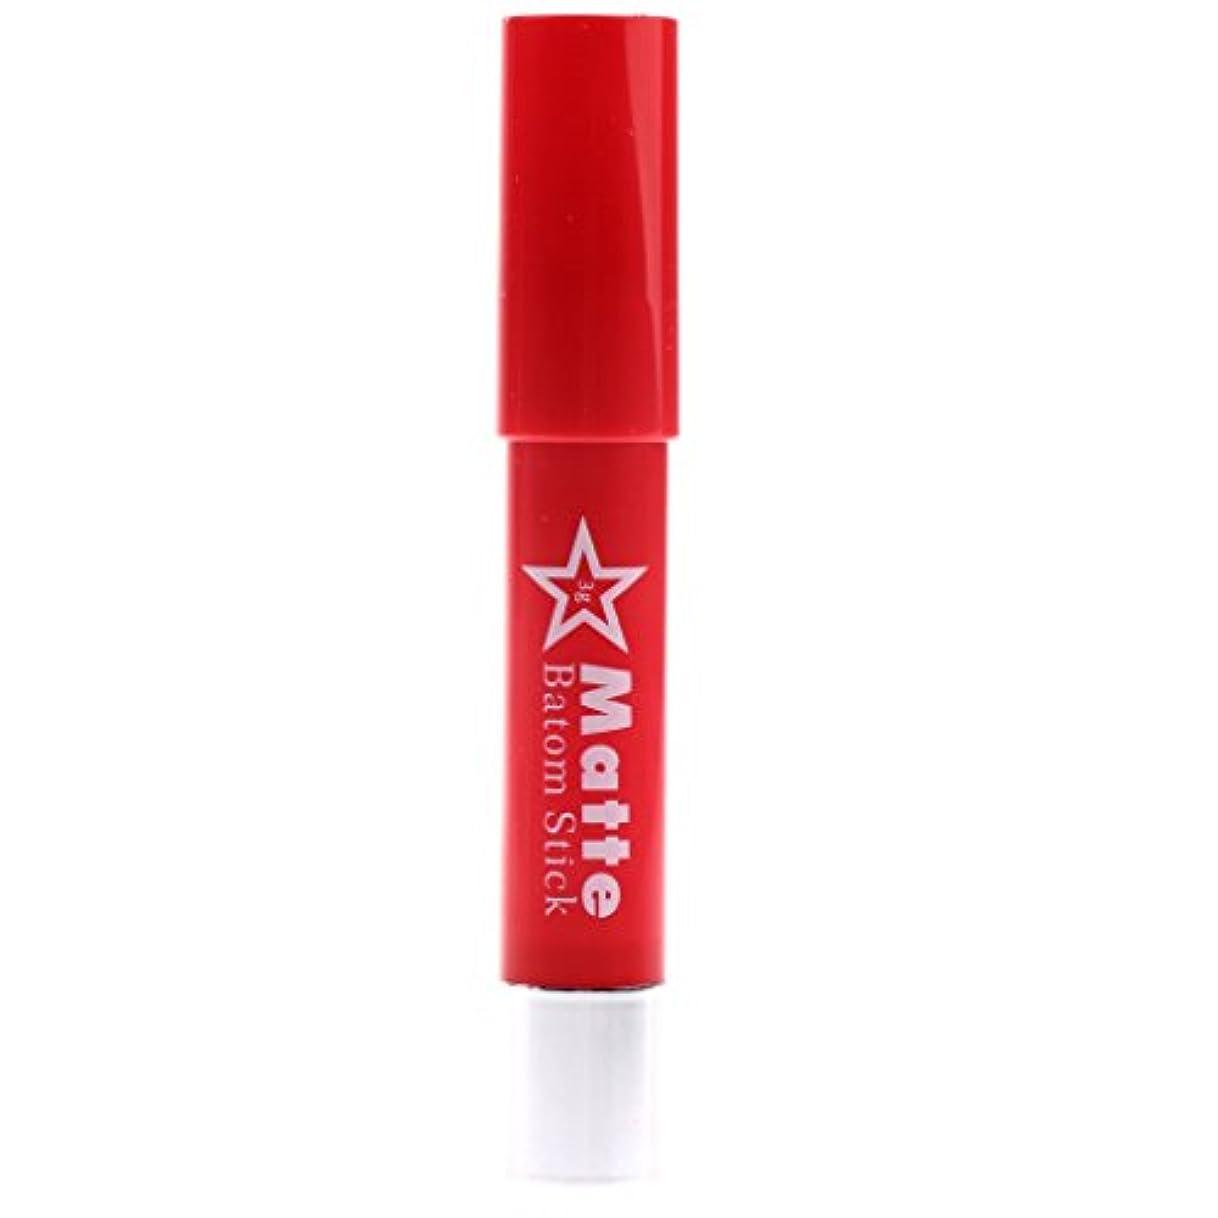 震え雨隠すCUTICATE 6色セット リップスティック 口紅 長持ち 保湿 高彩度カラー 人気カラー 携帯便利 - #F